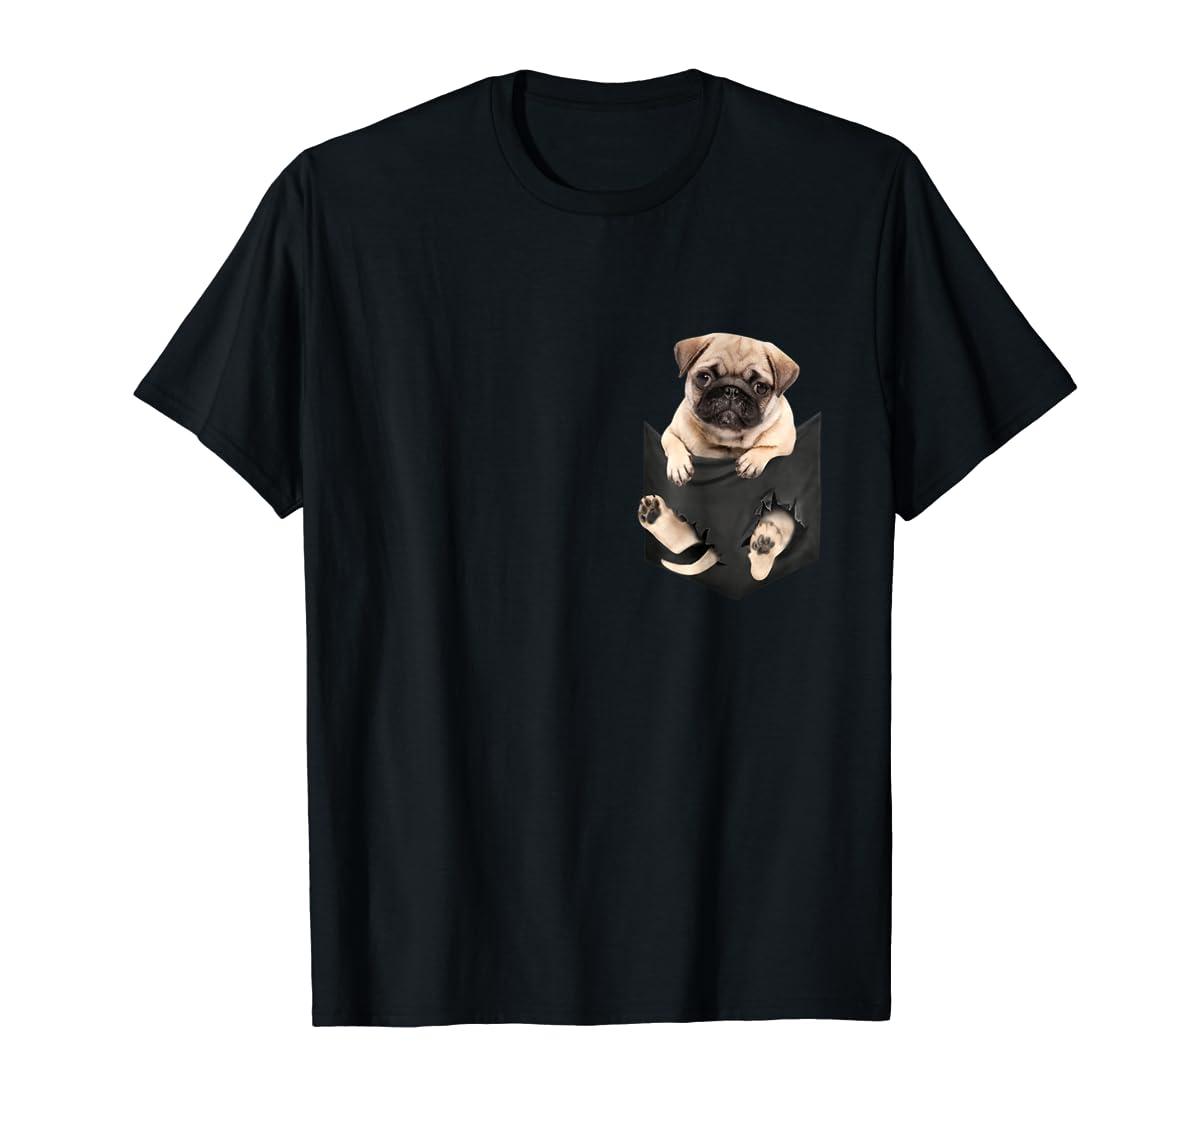 Dog in Your Pocket santa hat pug lover gift shirt-Men's T-Shirt-Black